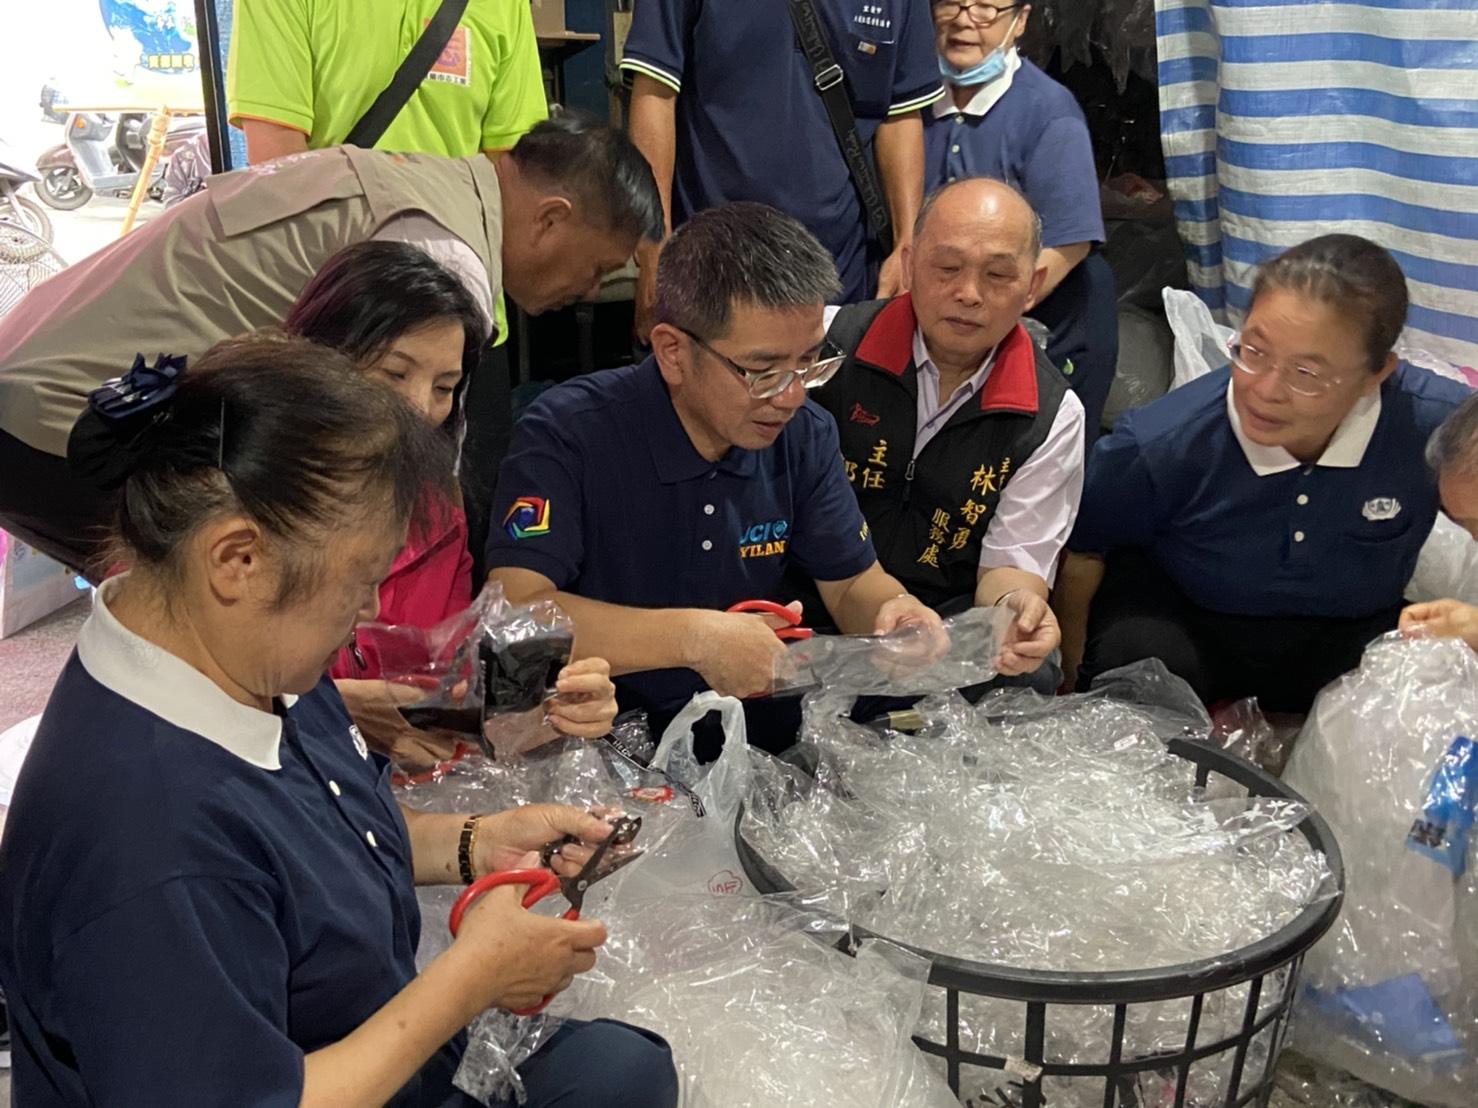 宜蘭市長江聰淵特地前往表揚,並親身體驗剪塑膠袋的工作。(慈濟基金會)